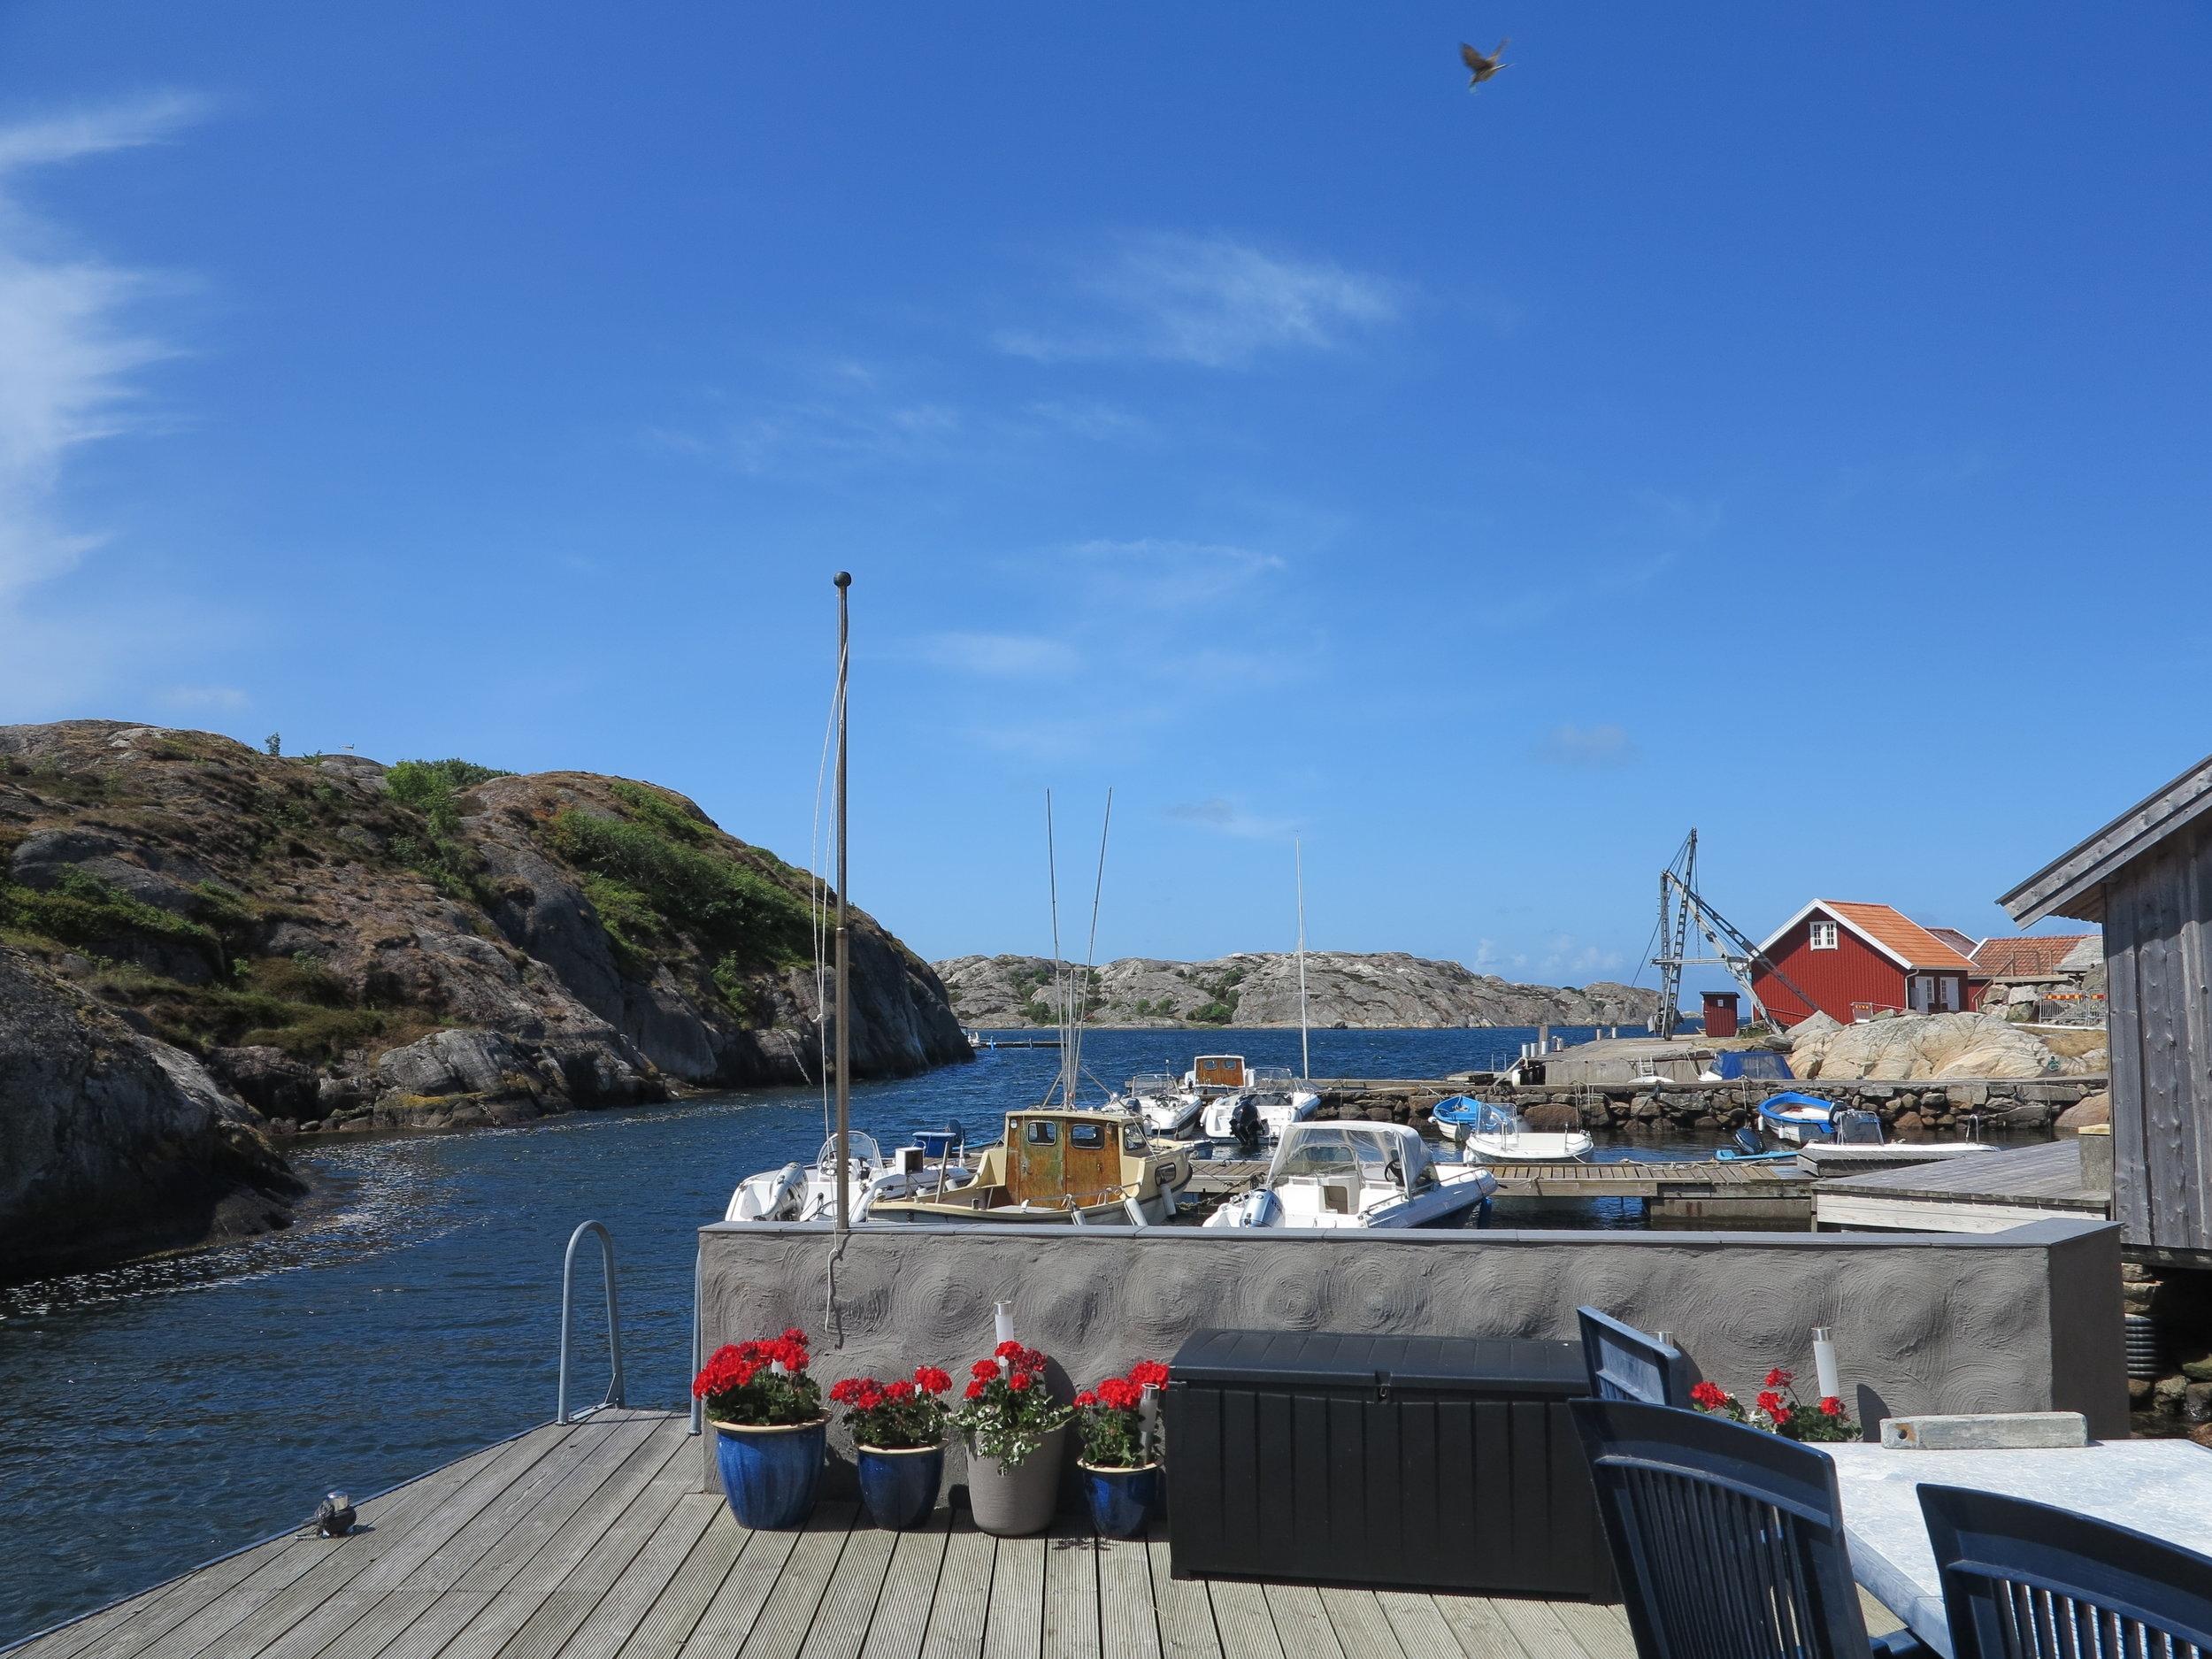 Unser Blick auf glattgeschliffene Felsrücken, Boote und einen strahlend blauen Sommerhimmel